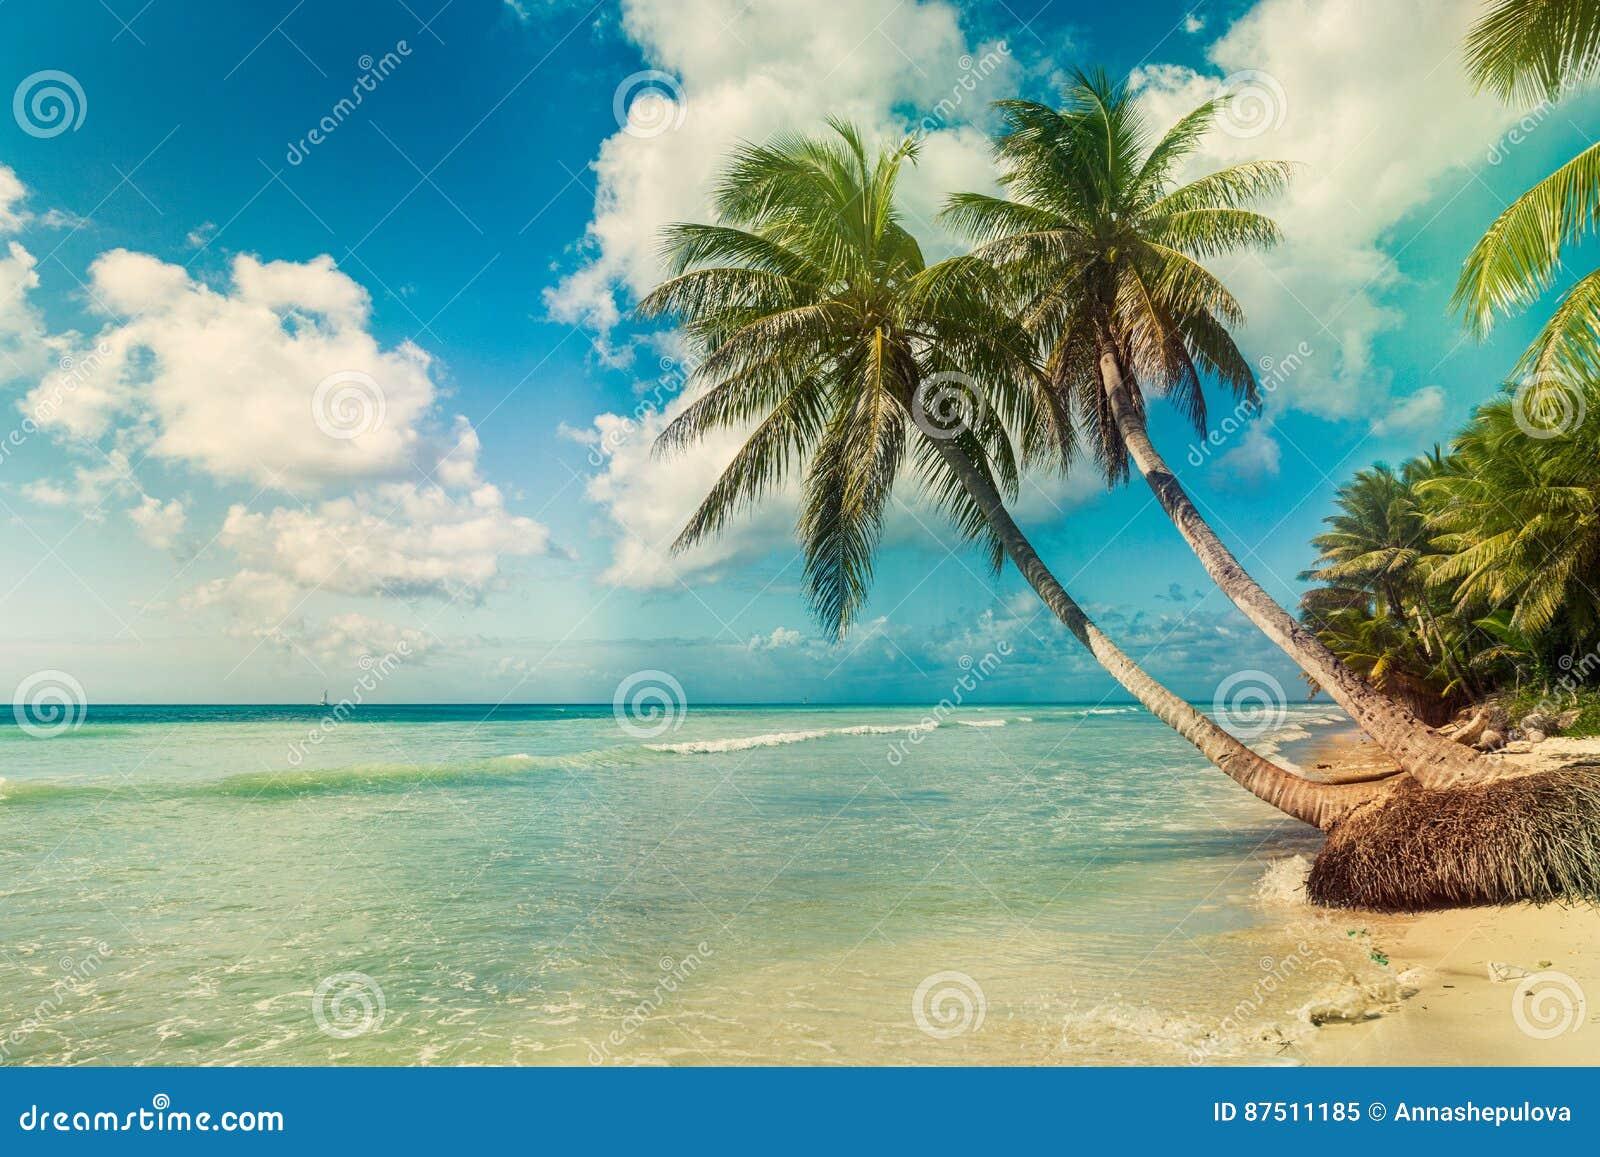 Encalhe com palma de coco, ilha tropical desinibido